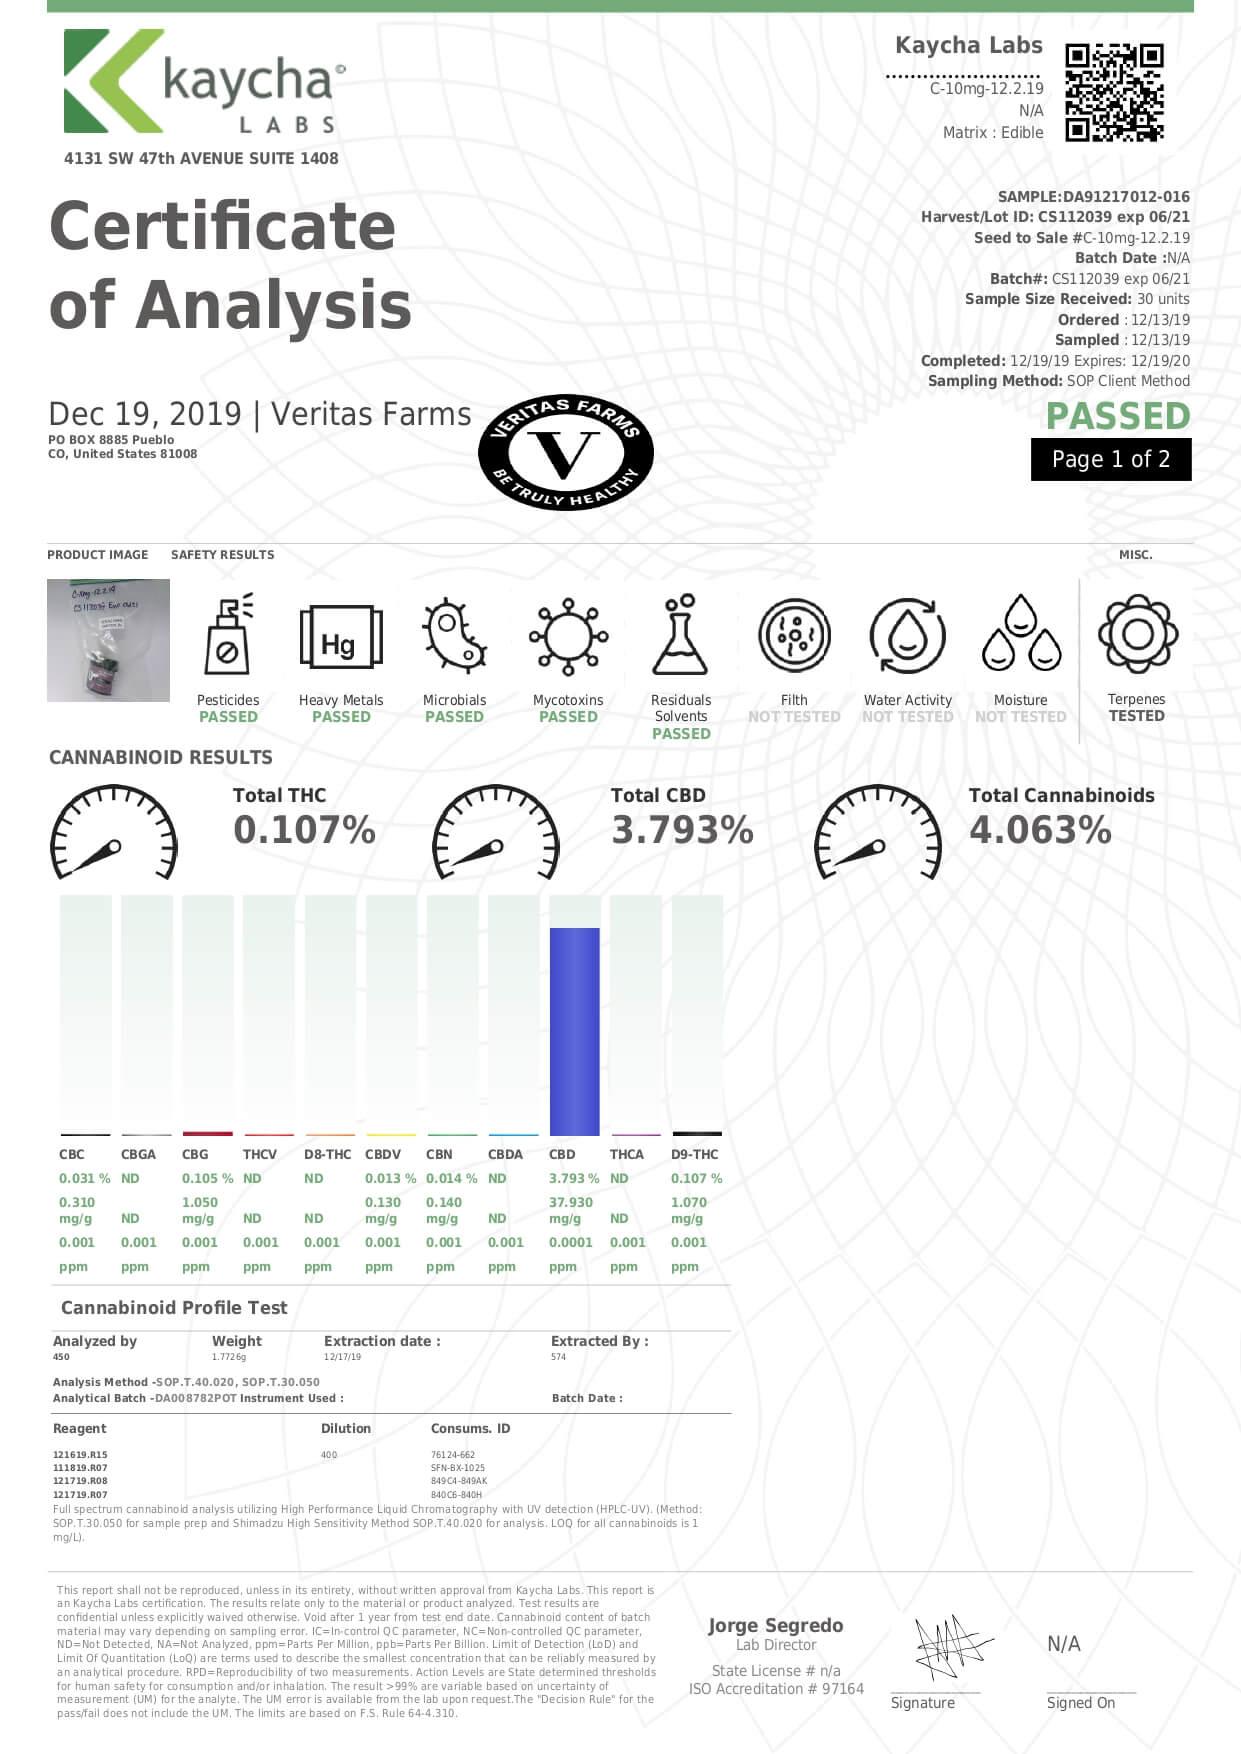 Veritas Farms CBD Capsule Full Spectrum Capsules 10mg Lab Report